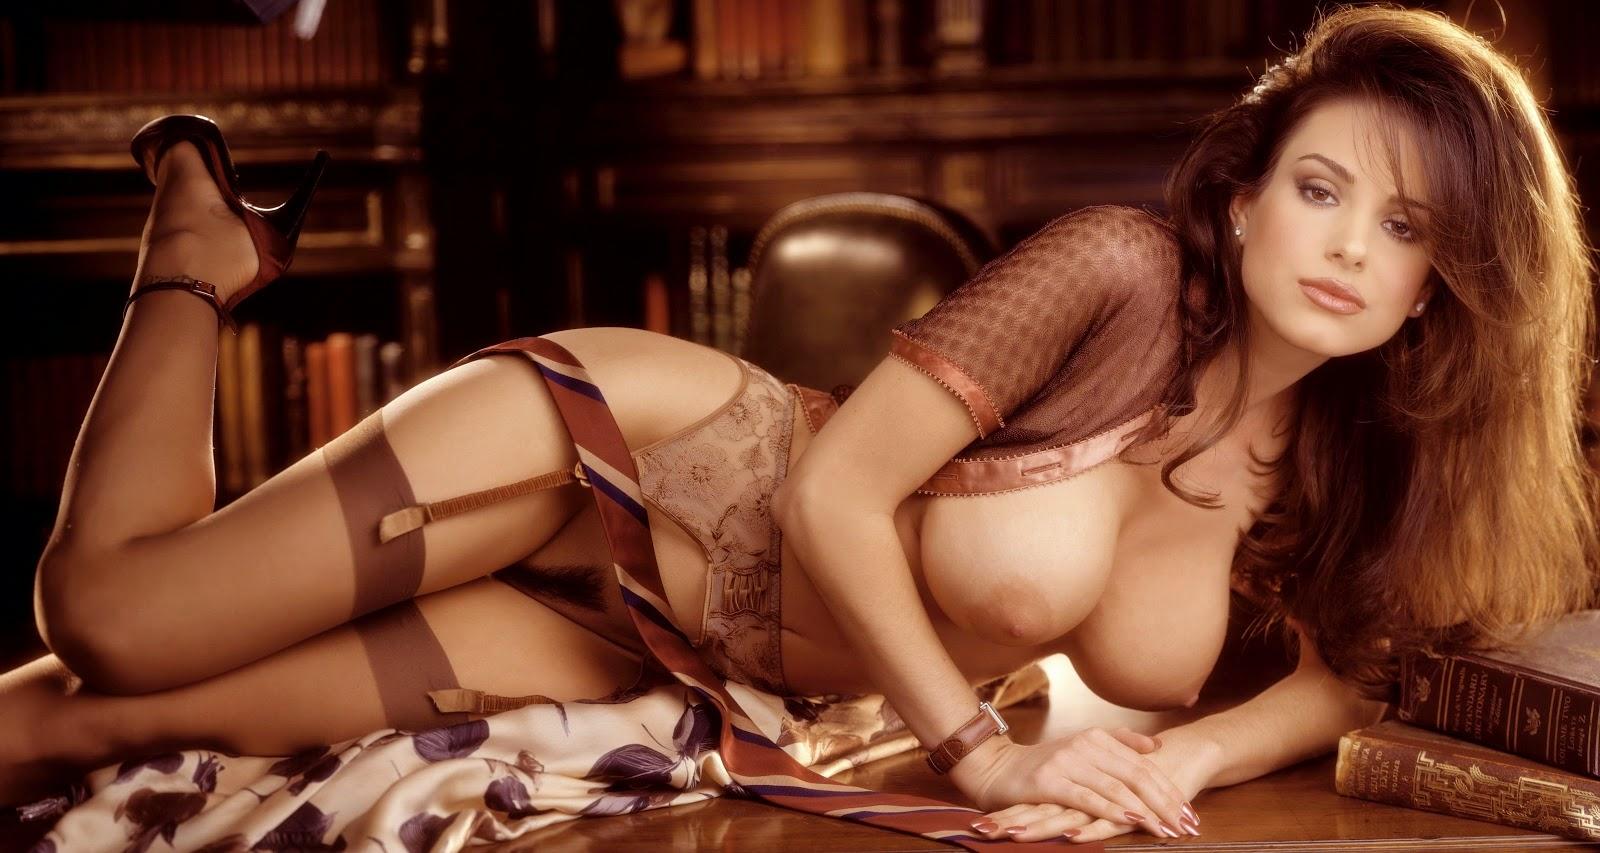 foto-erotika-playboy-golie-devushki